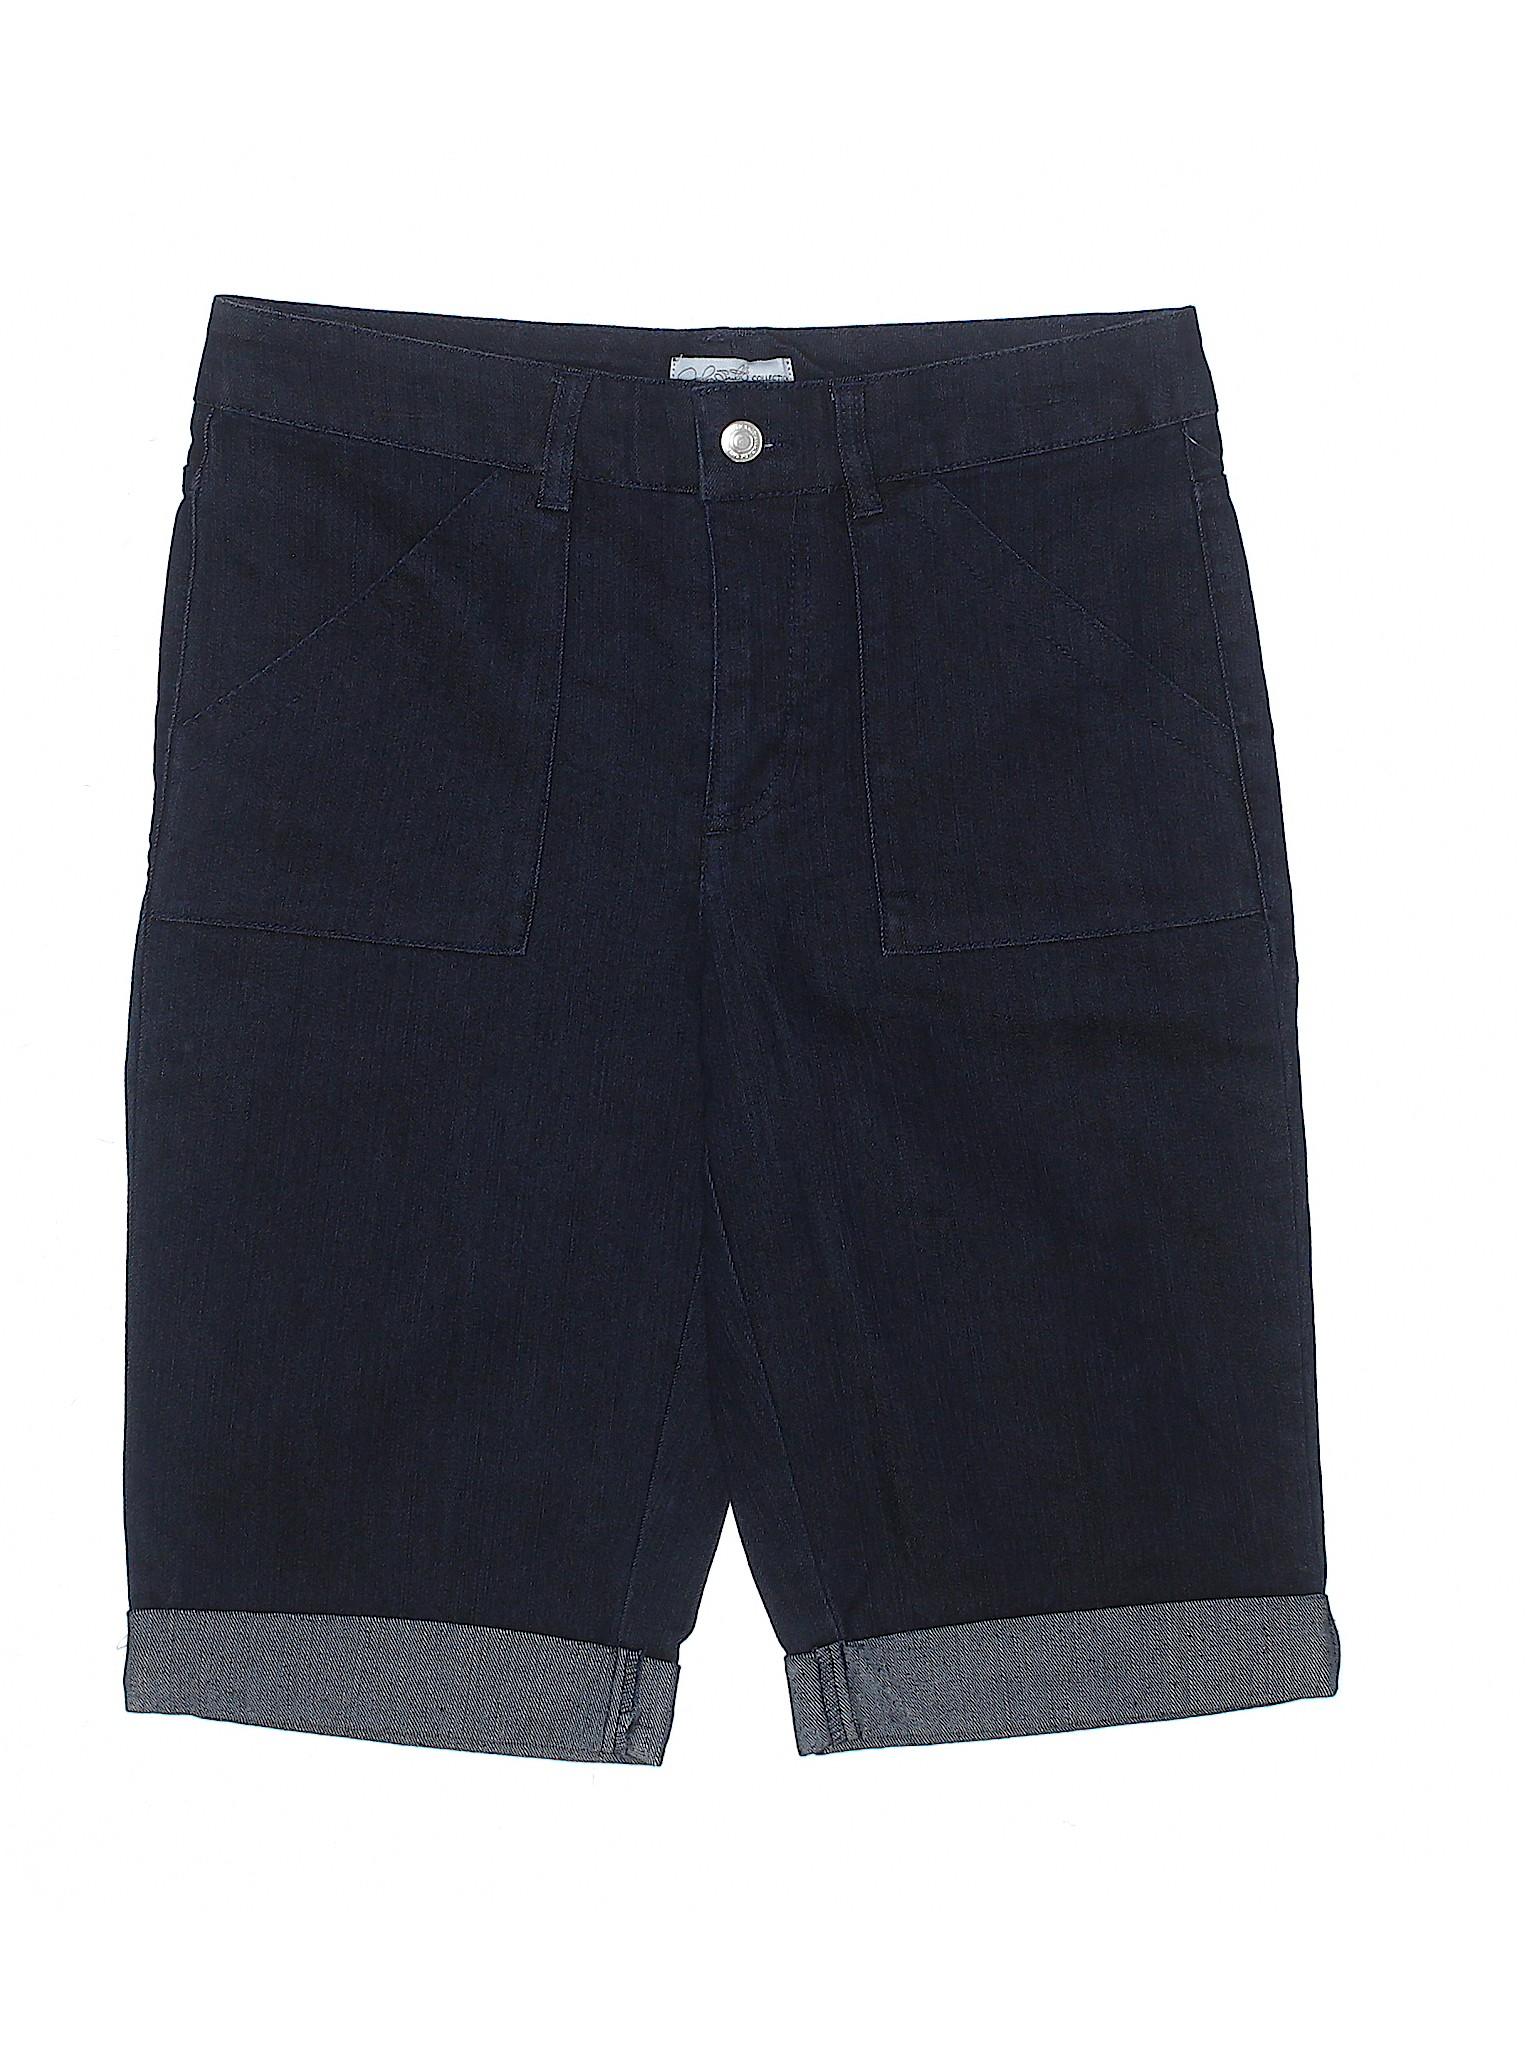 Boutique Denim Jaclyn Shorts Smith leisure rwCFqt8rx